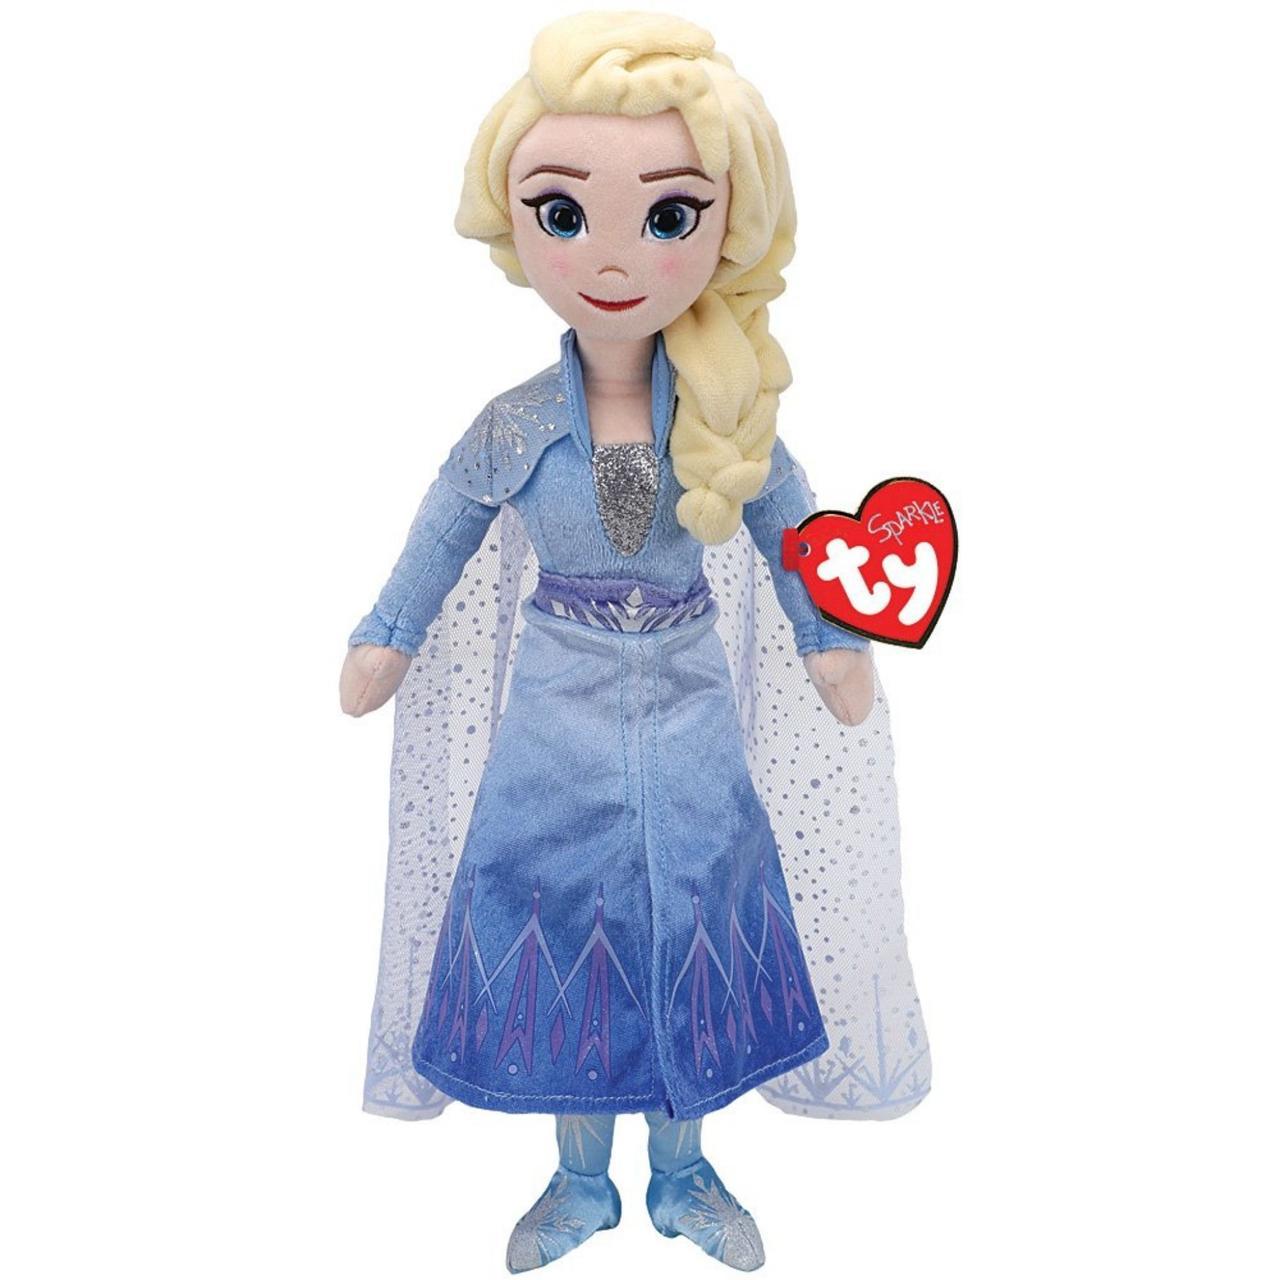 Мягкая игрушка Кукла Дисней Холодное сердце Эльза (смеется) 40 см. Оригинал TY Frozen 02406